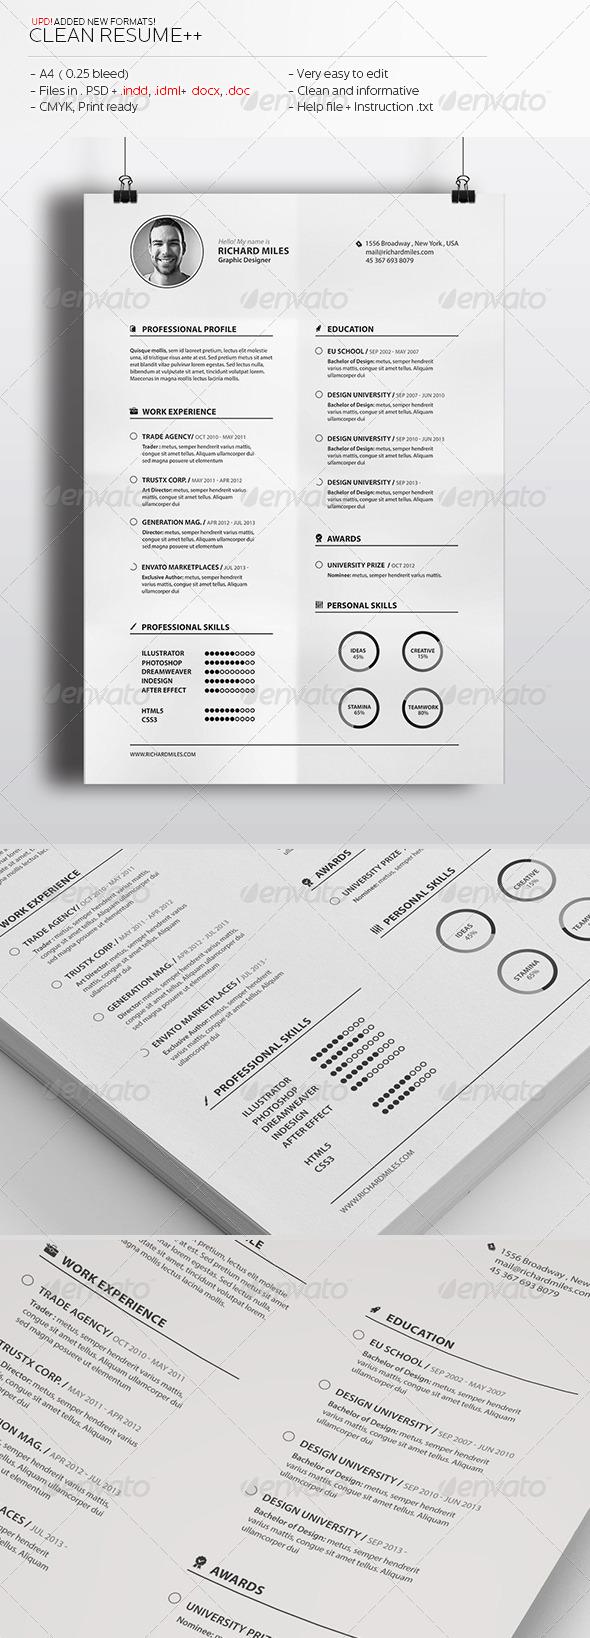 Clean Resume++